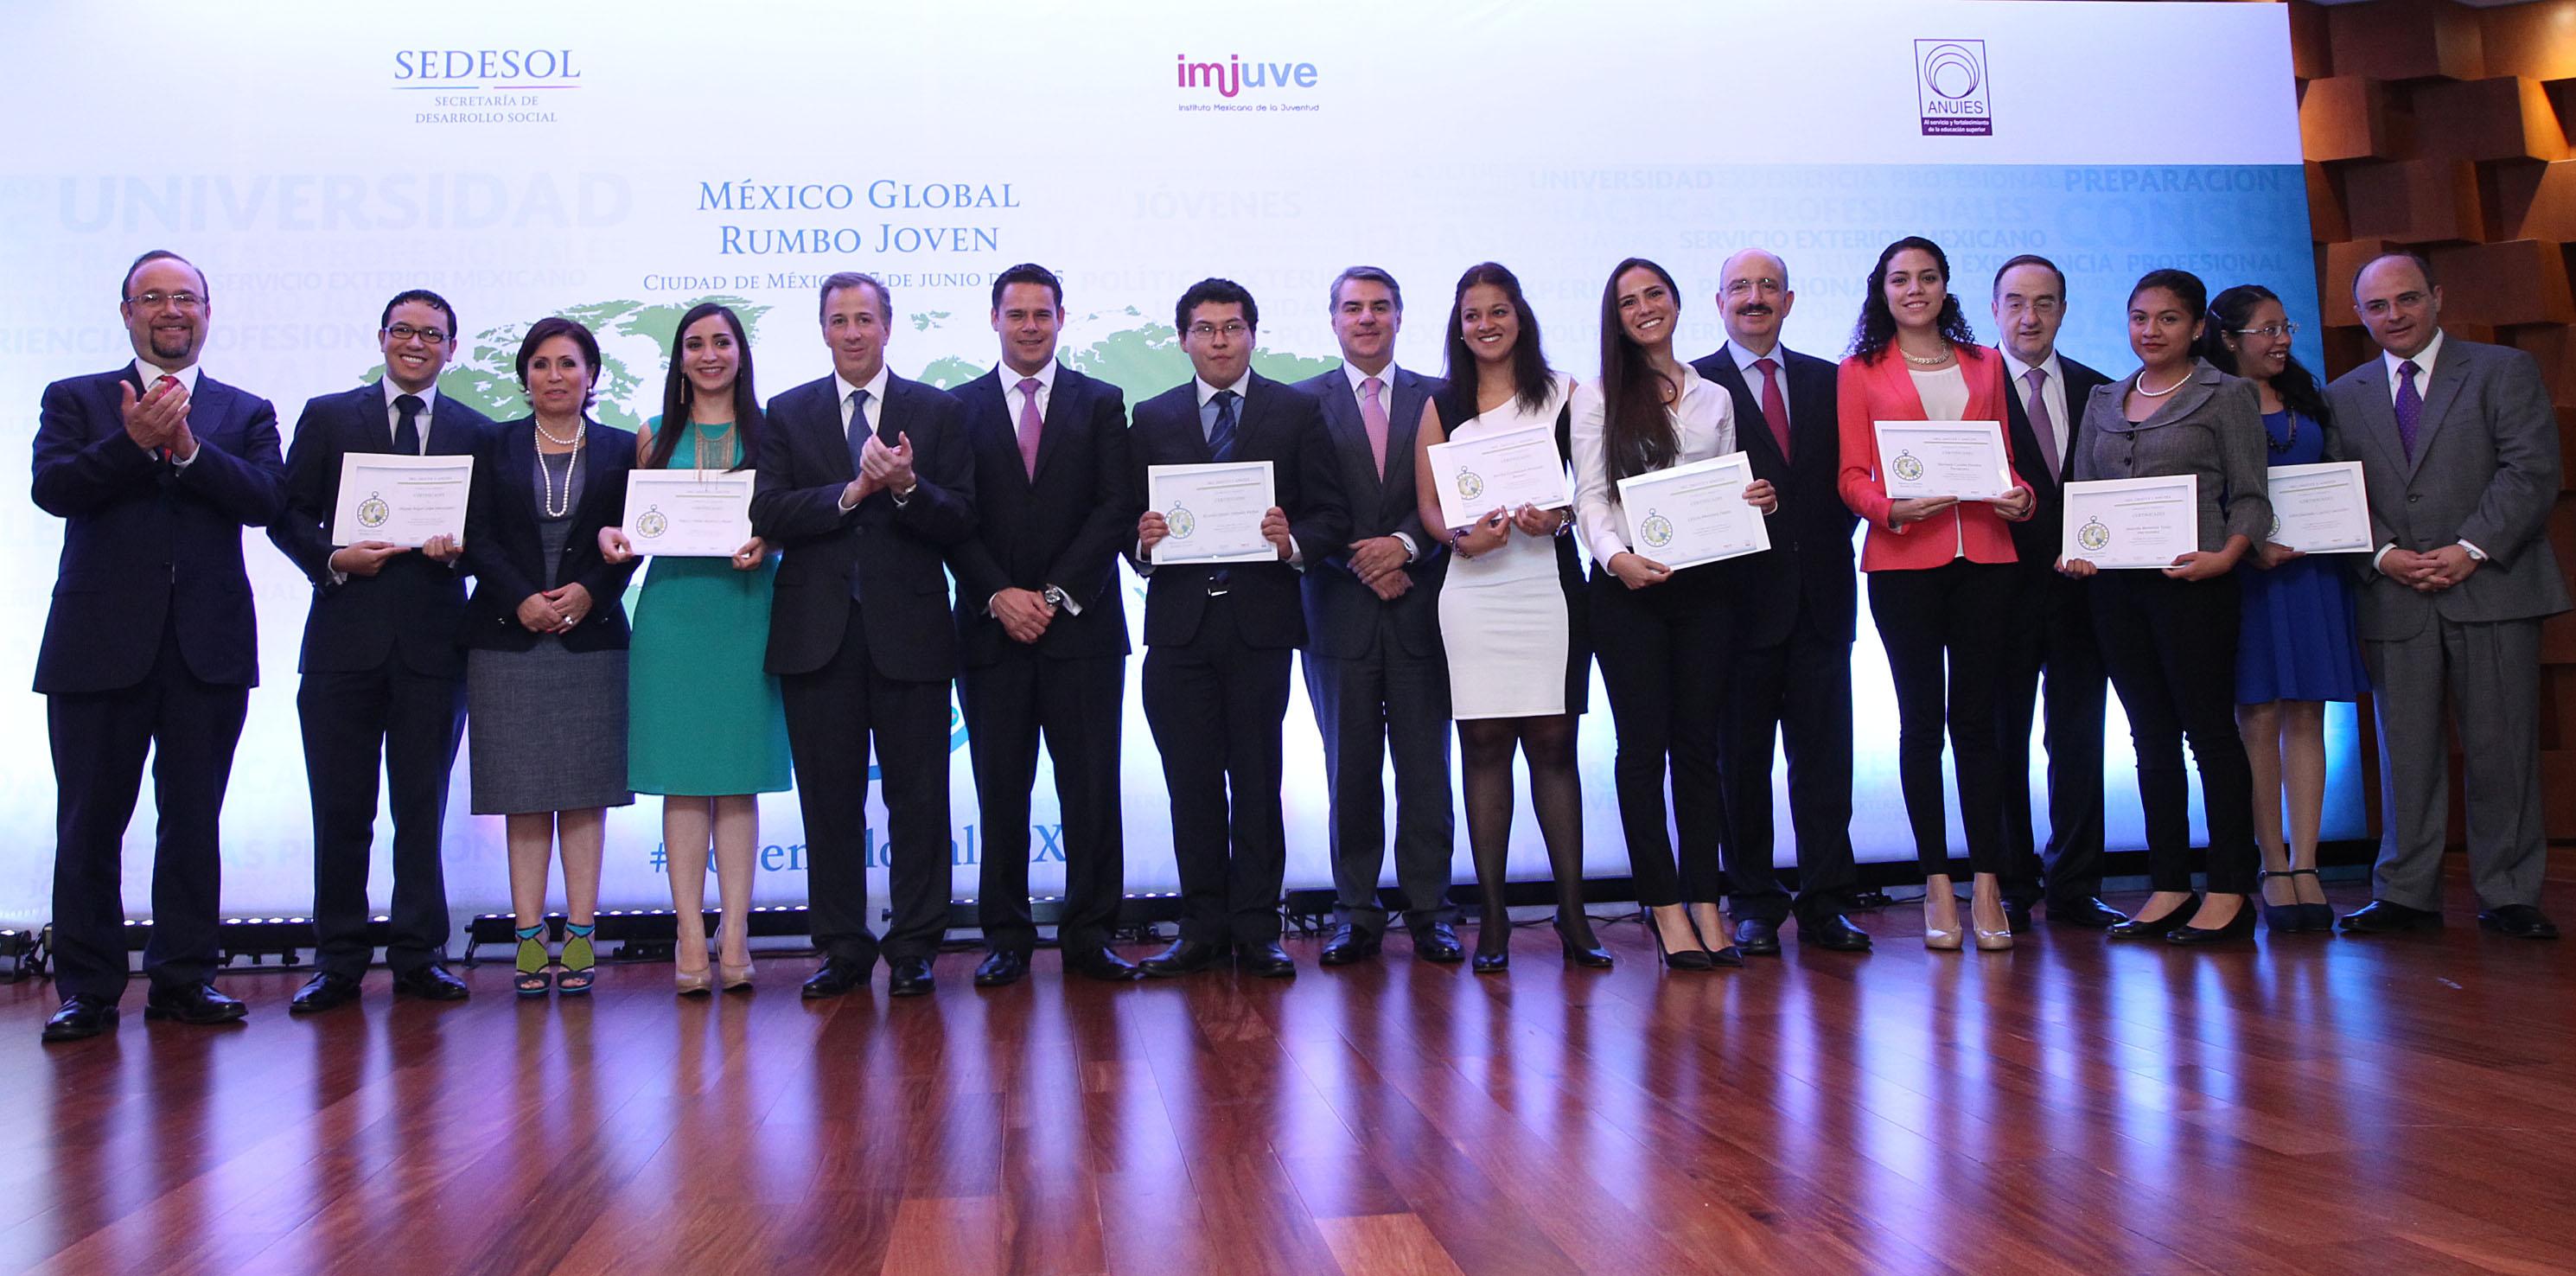 FOTO 3 Canciller Jos  Antonio Meade y funcionarios con estudiantes seleccionados del Programa M xico Global Rumbo Jovenjpg